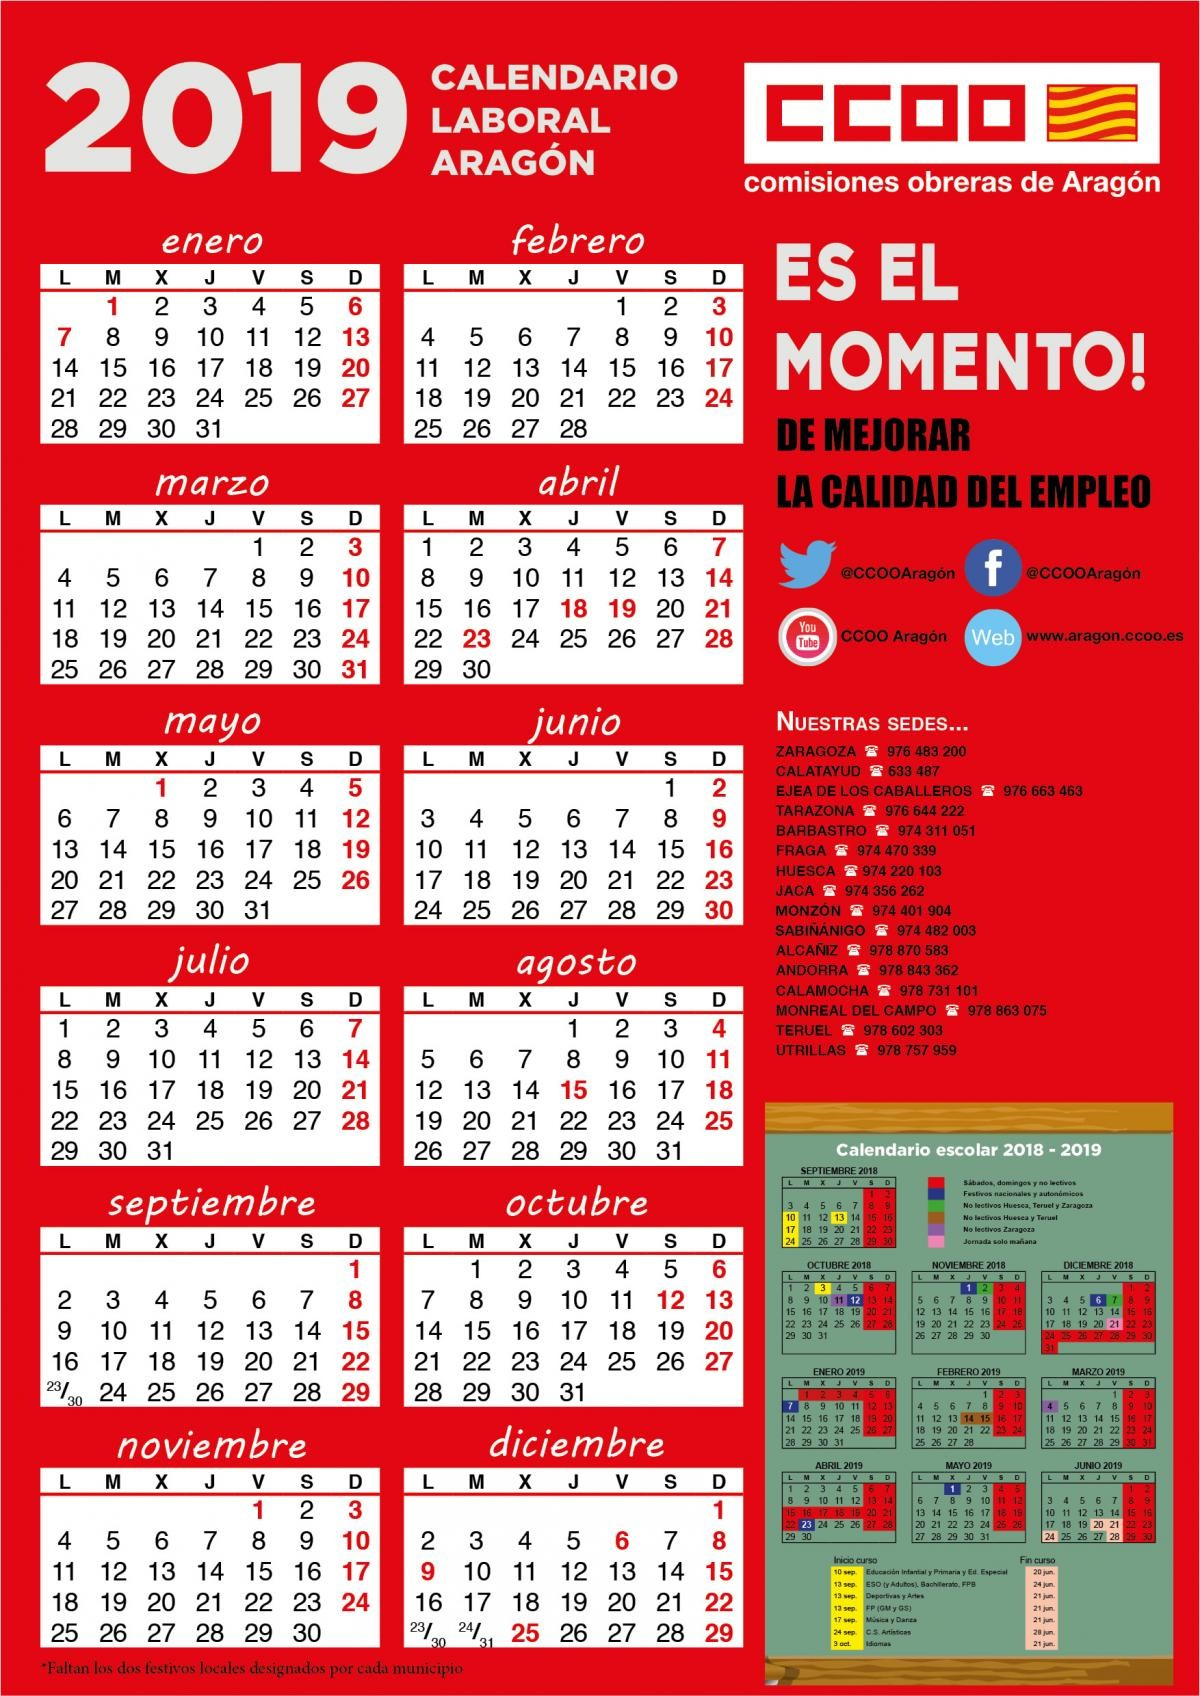 Calendario De Fiestas Catalunya 2019 Más Actual isiones Obreras De Arag³n Of Calendario De Fiestas Catalunya 2019 Más Caliente Calendario Laboral 2019 Das Festivos Regionales Y Locales En La